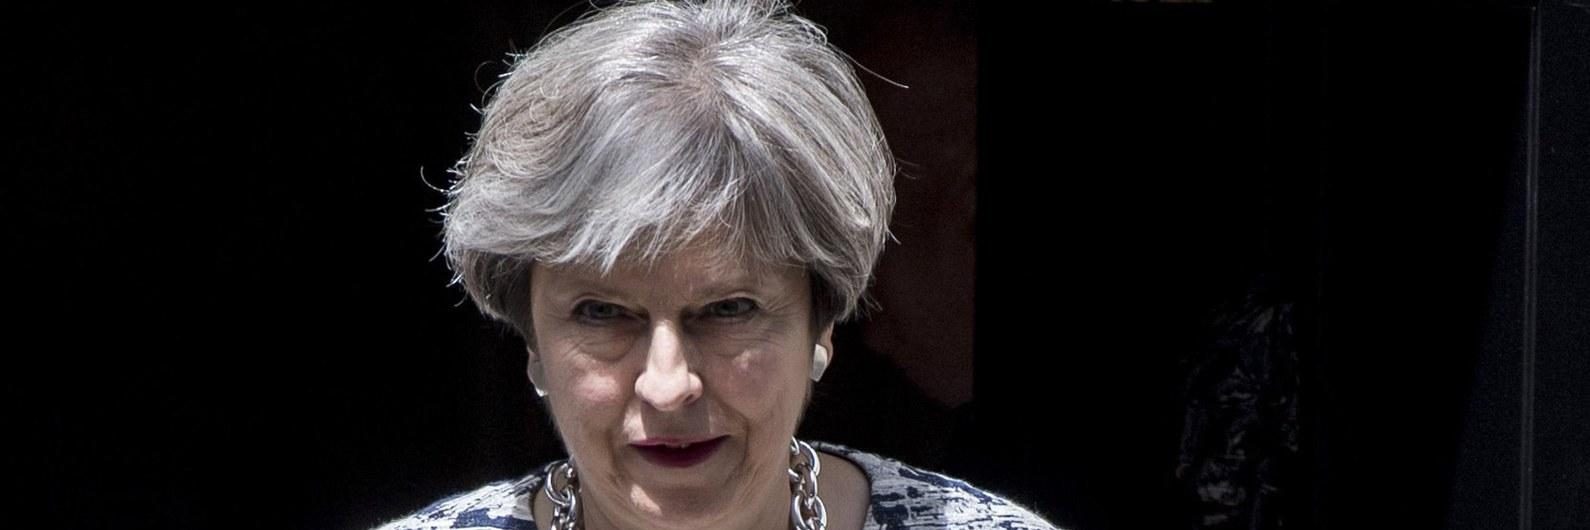 May propõe período de transição de dois anos após Brexit